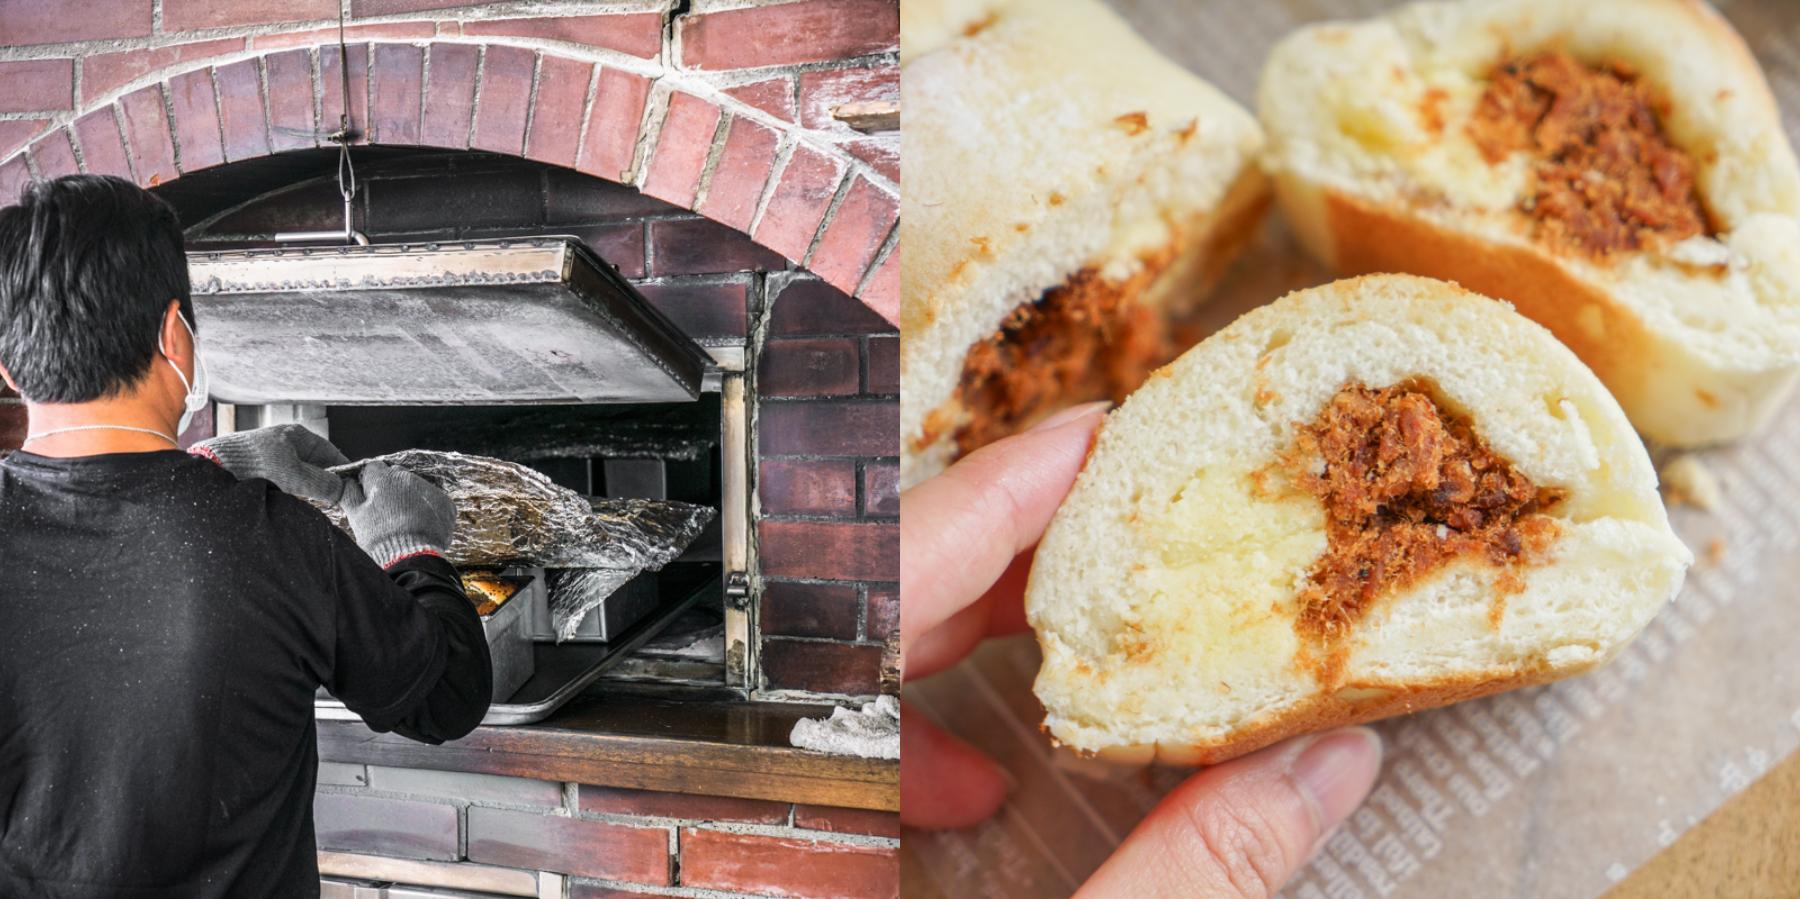 宜蘭礁溪美食|每日新鮮出爐柴燒窯烤麵包、柔軟爆料的奶酥肉鬆歐包「窯・煮飯研究所」 @梅格(Angelababy)享樂日記